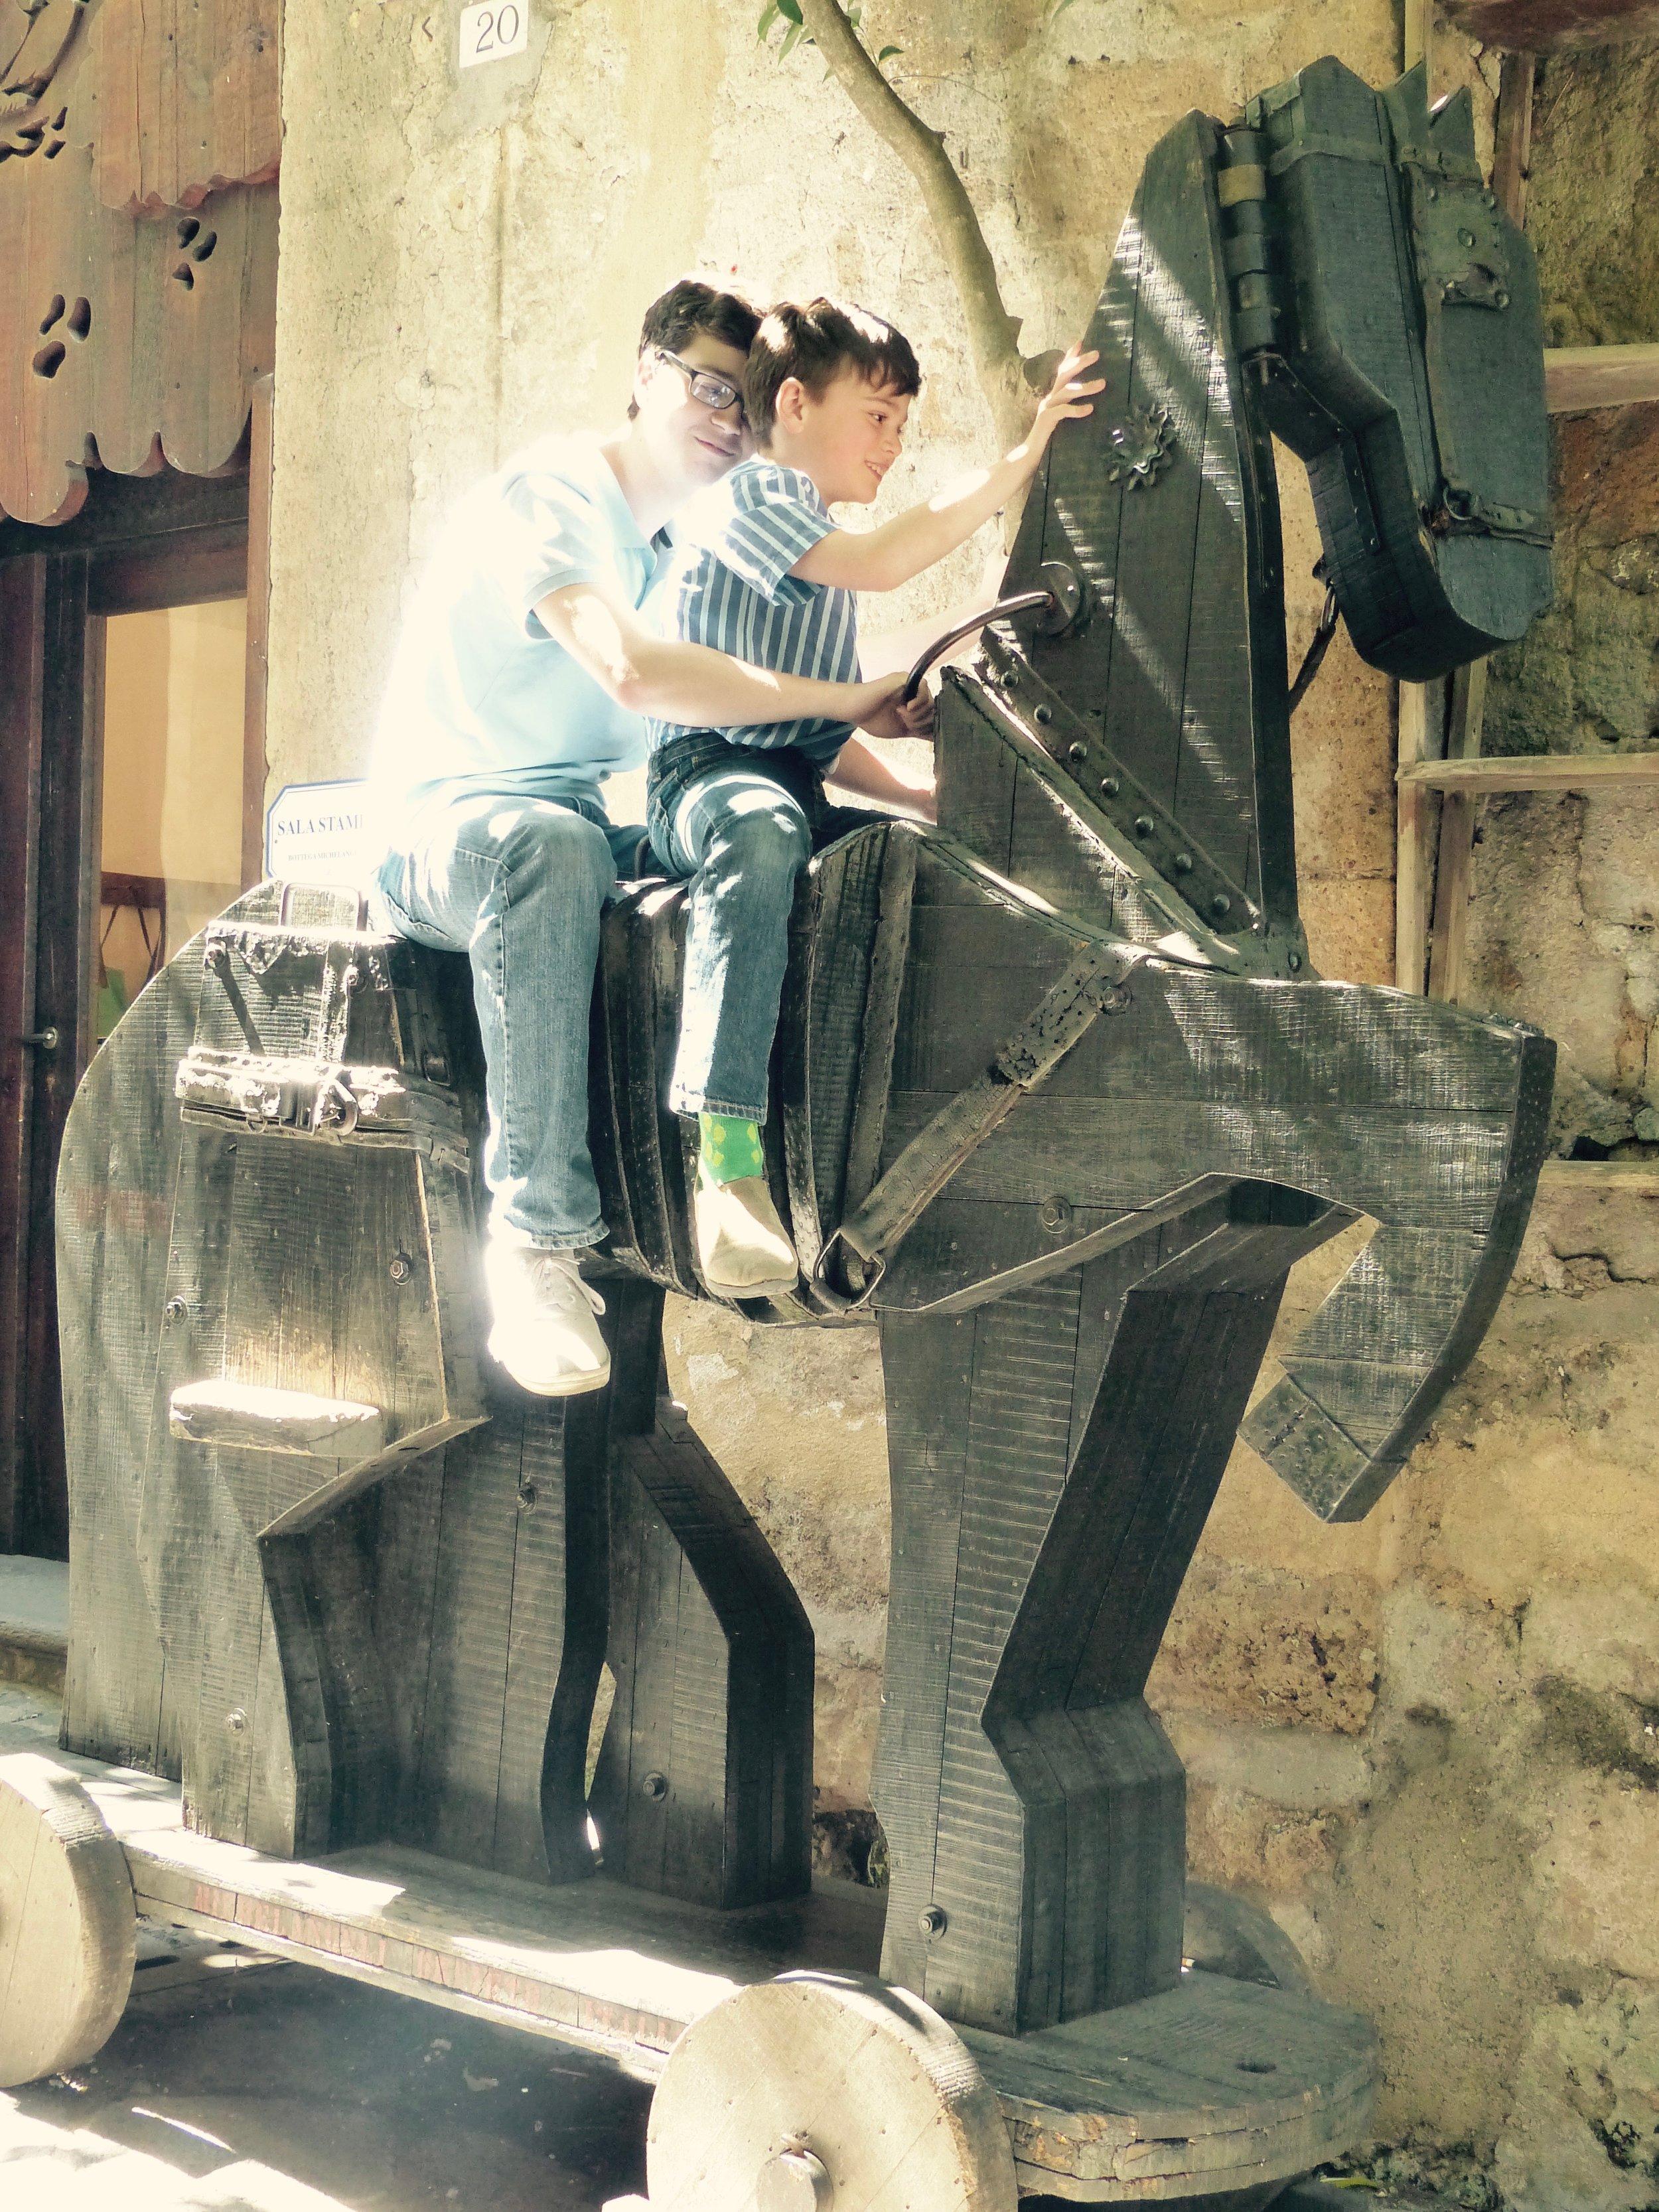 orvieto_horse_gabe2.jpg